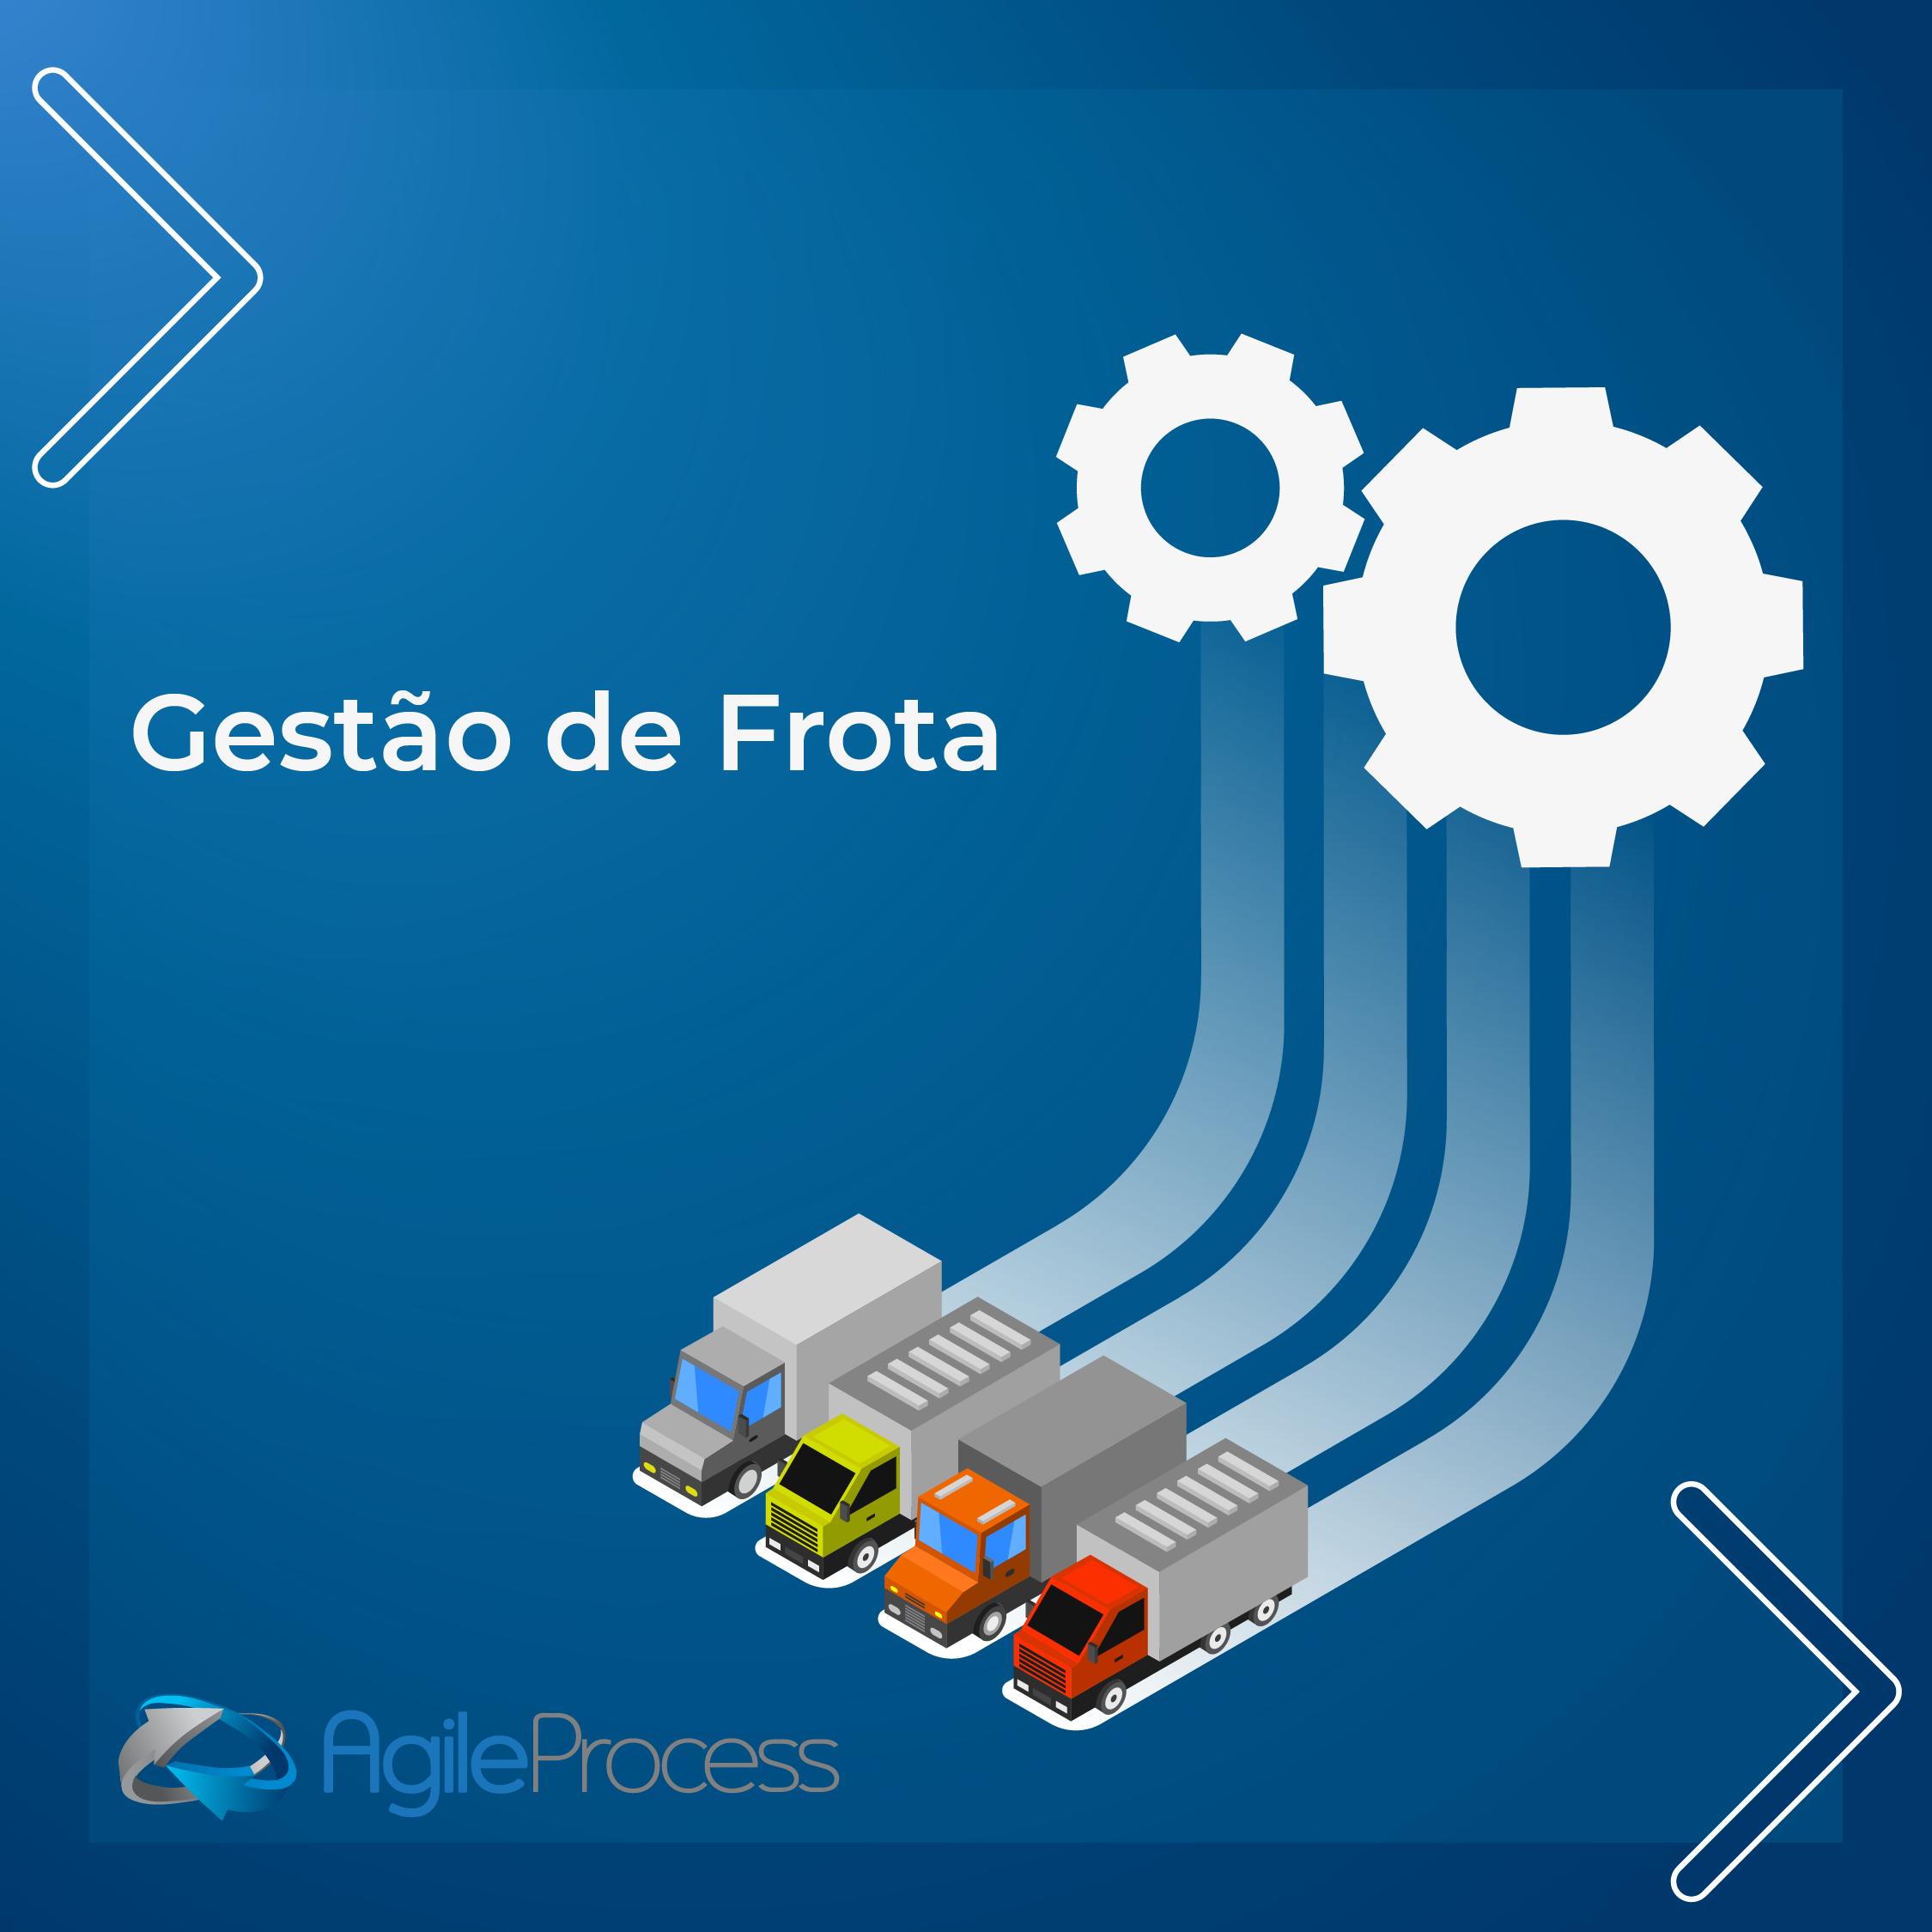 gestão de frota eficiente AgileProcess Logística